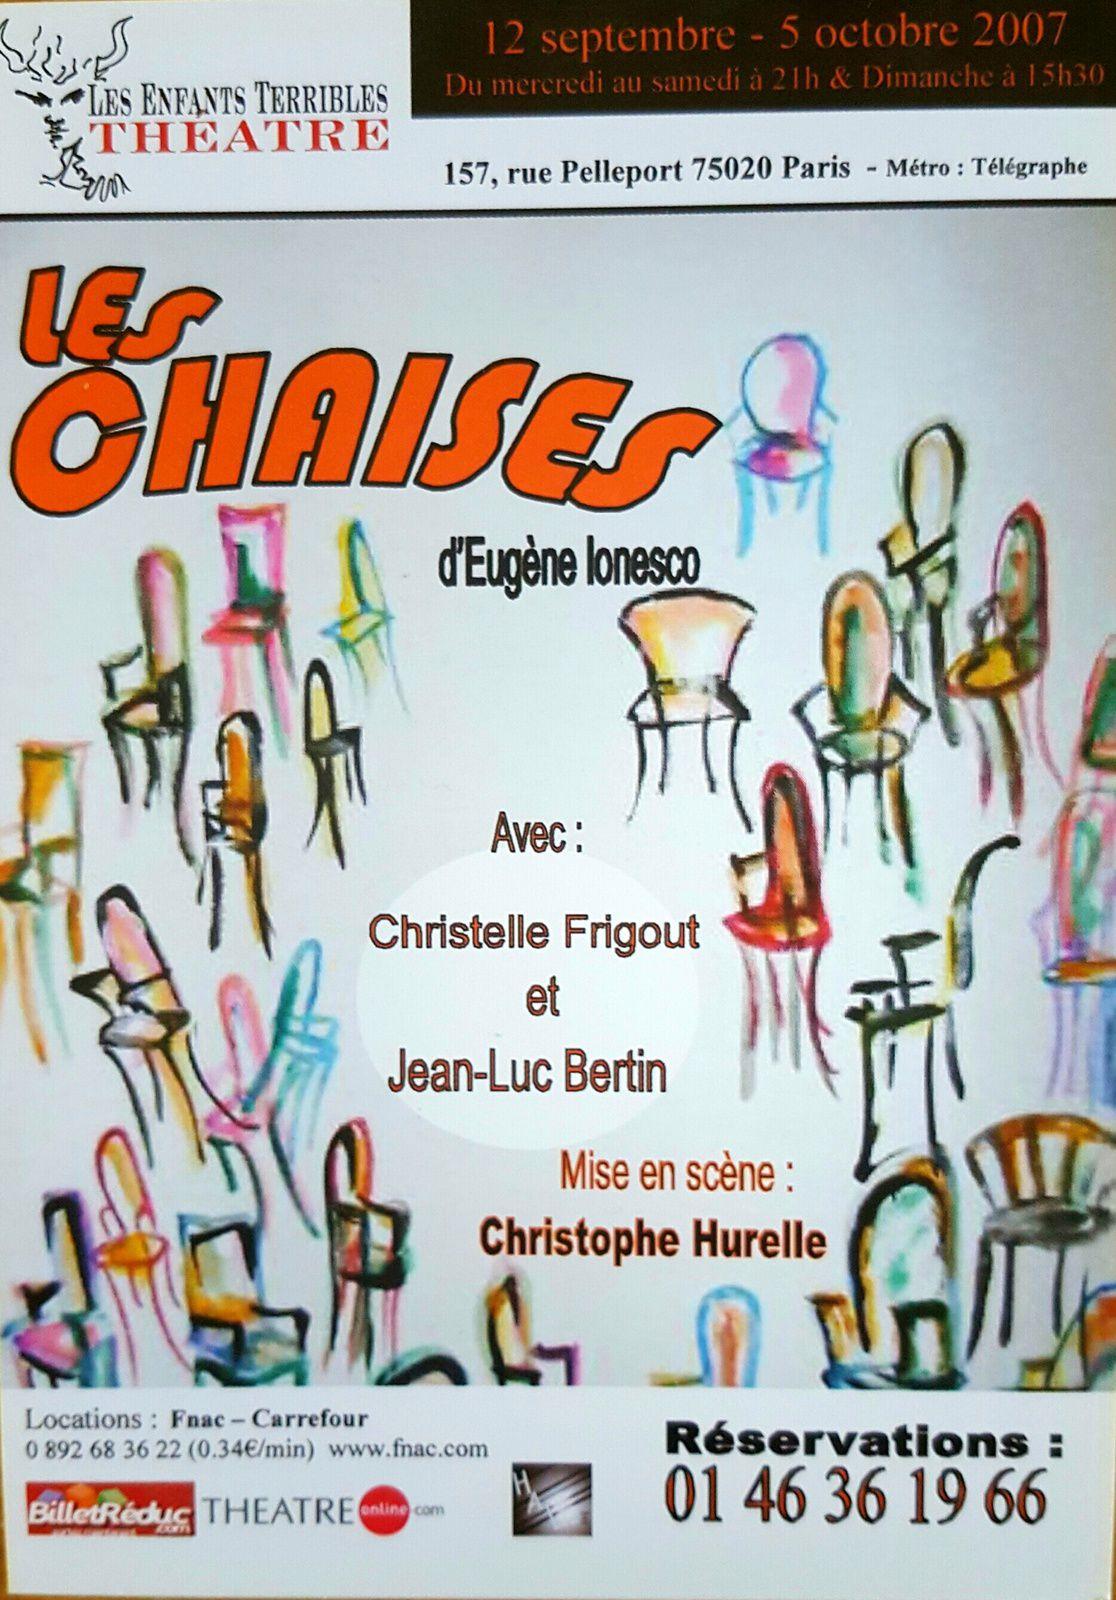 Théâtre les Enfants Terribles - septembre - octobre 2007